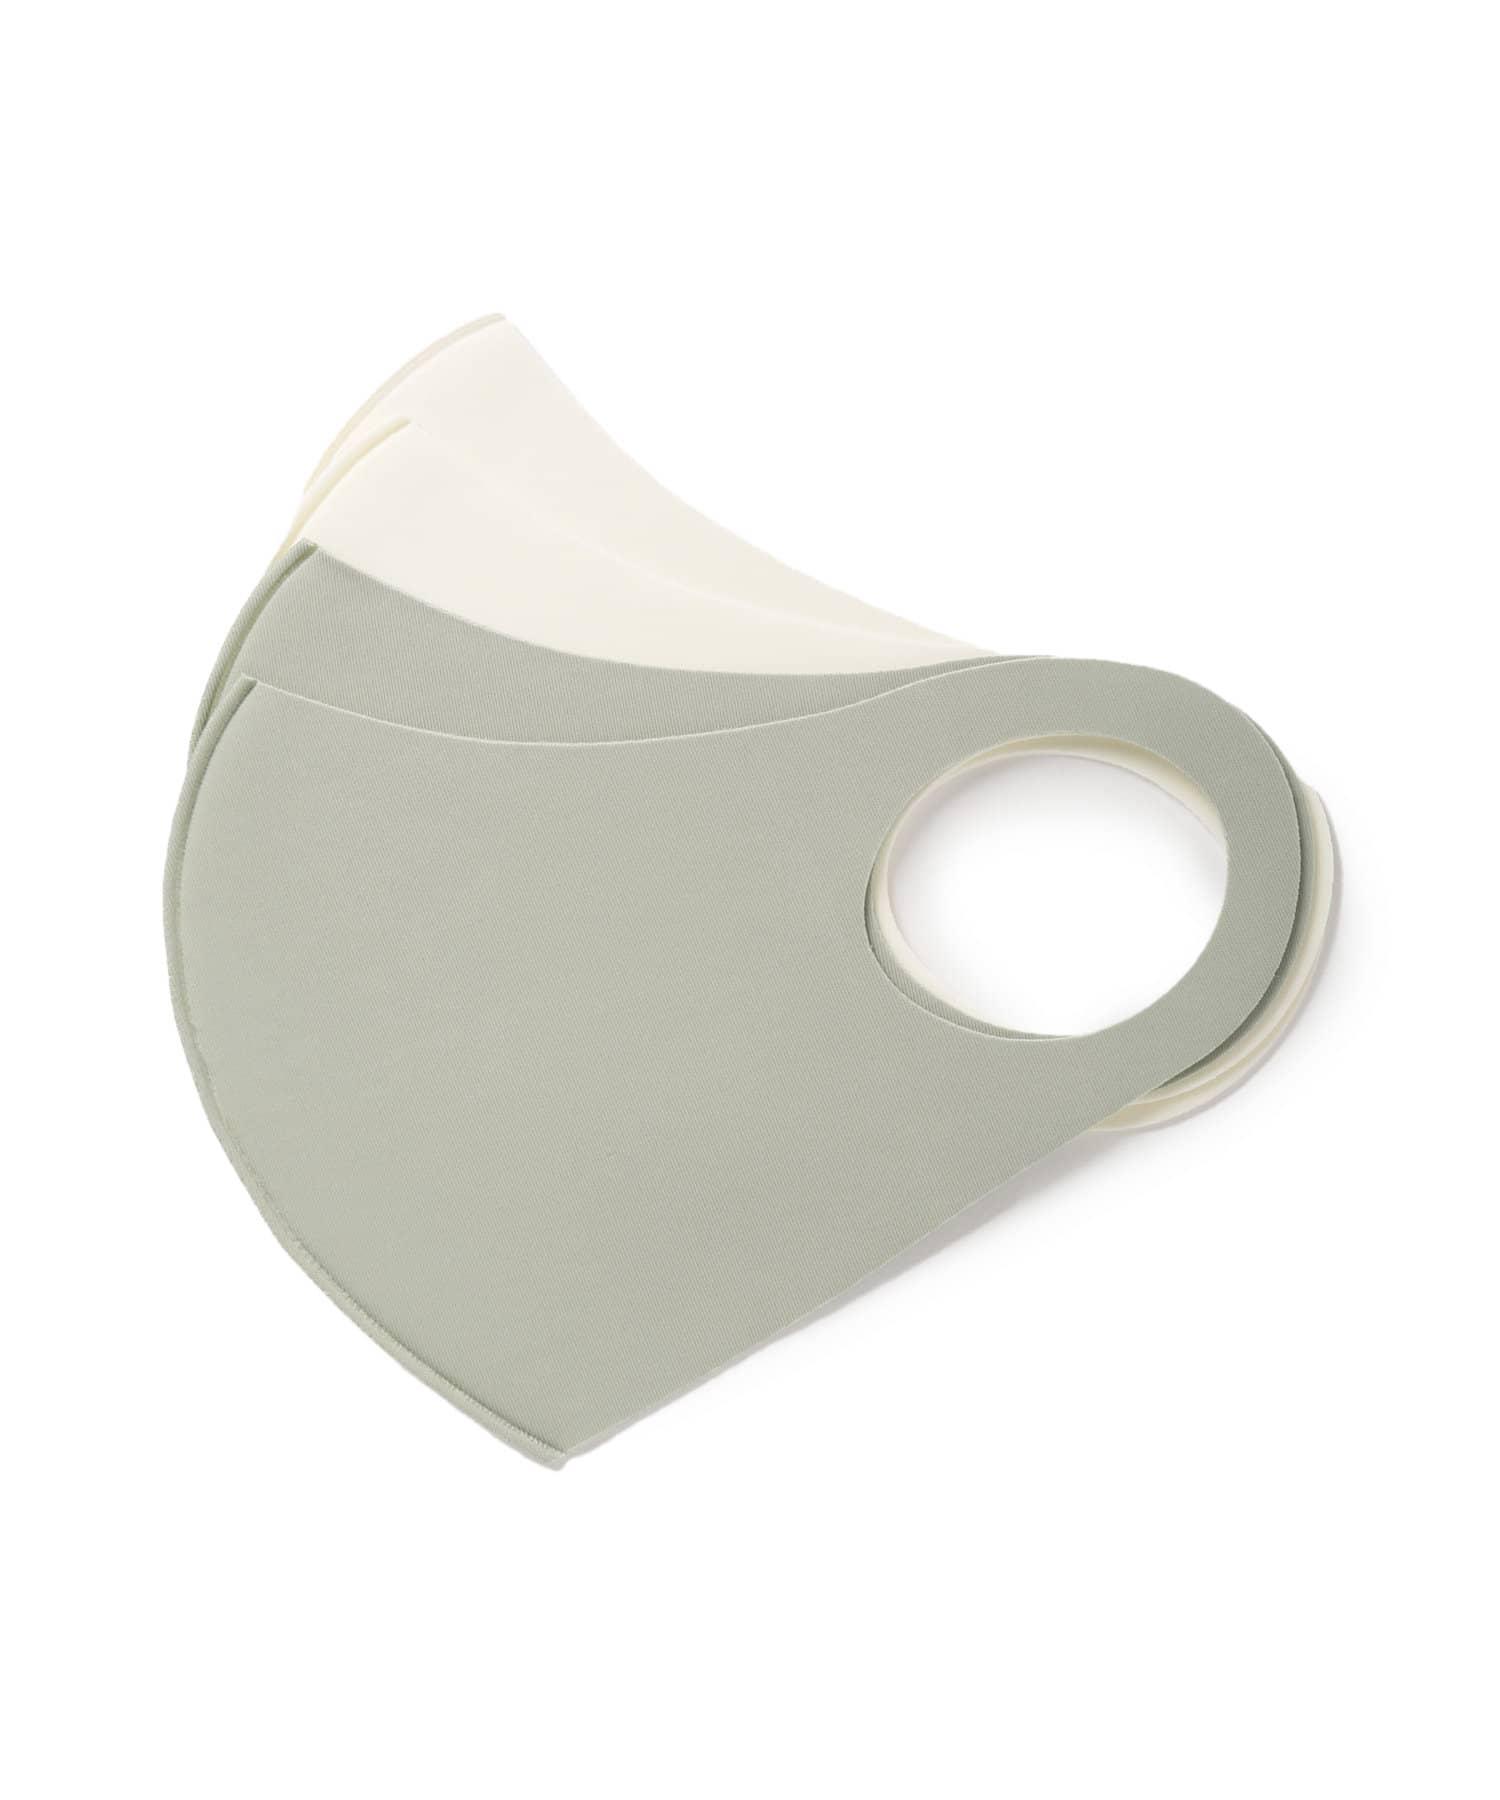 Lattice(ラティス) レディース 《ニュアンスカラー冷感抗菌マスク》4枚SET(小さめサイズ) グリーン